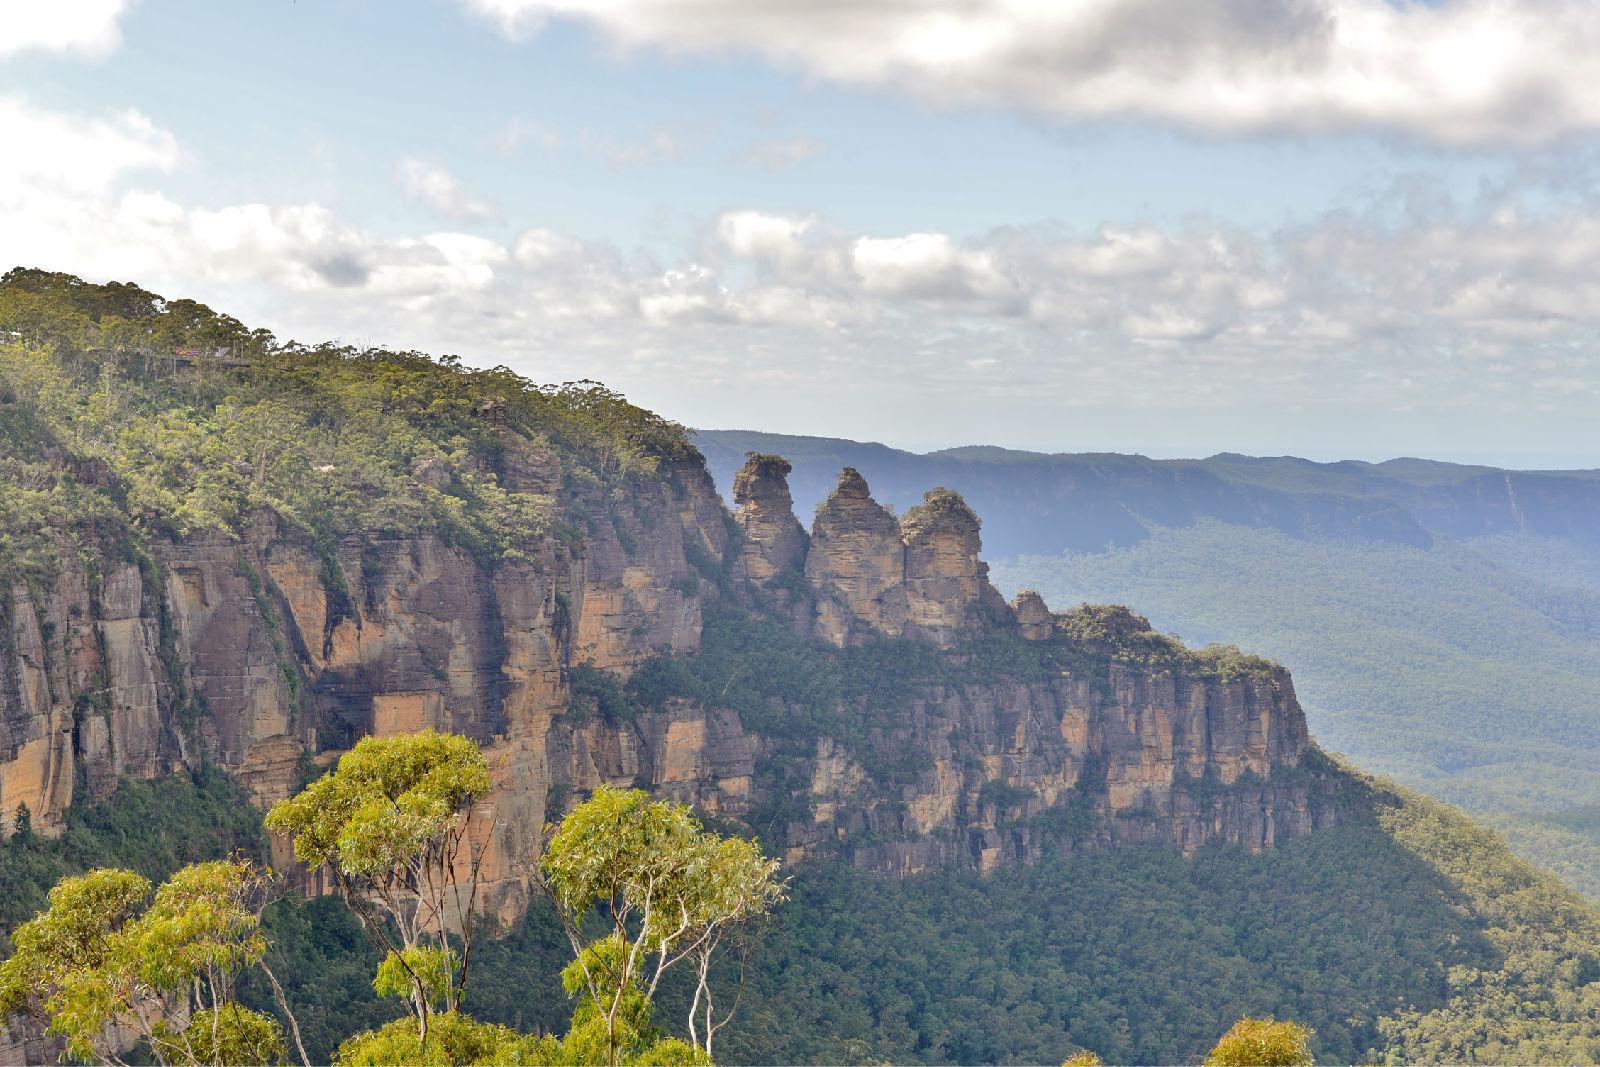 澳大利亚旅游攻略图片379